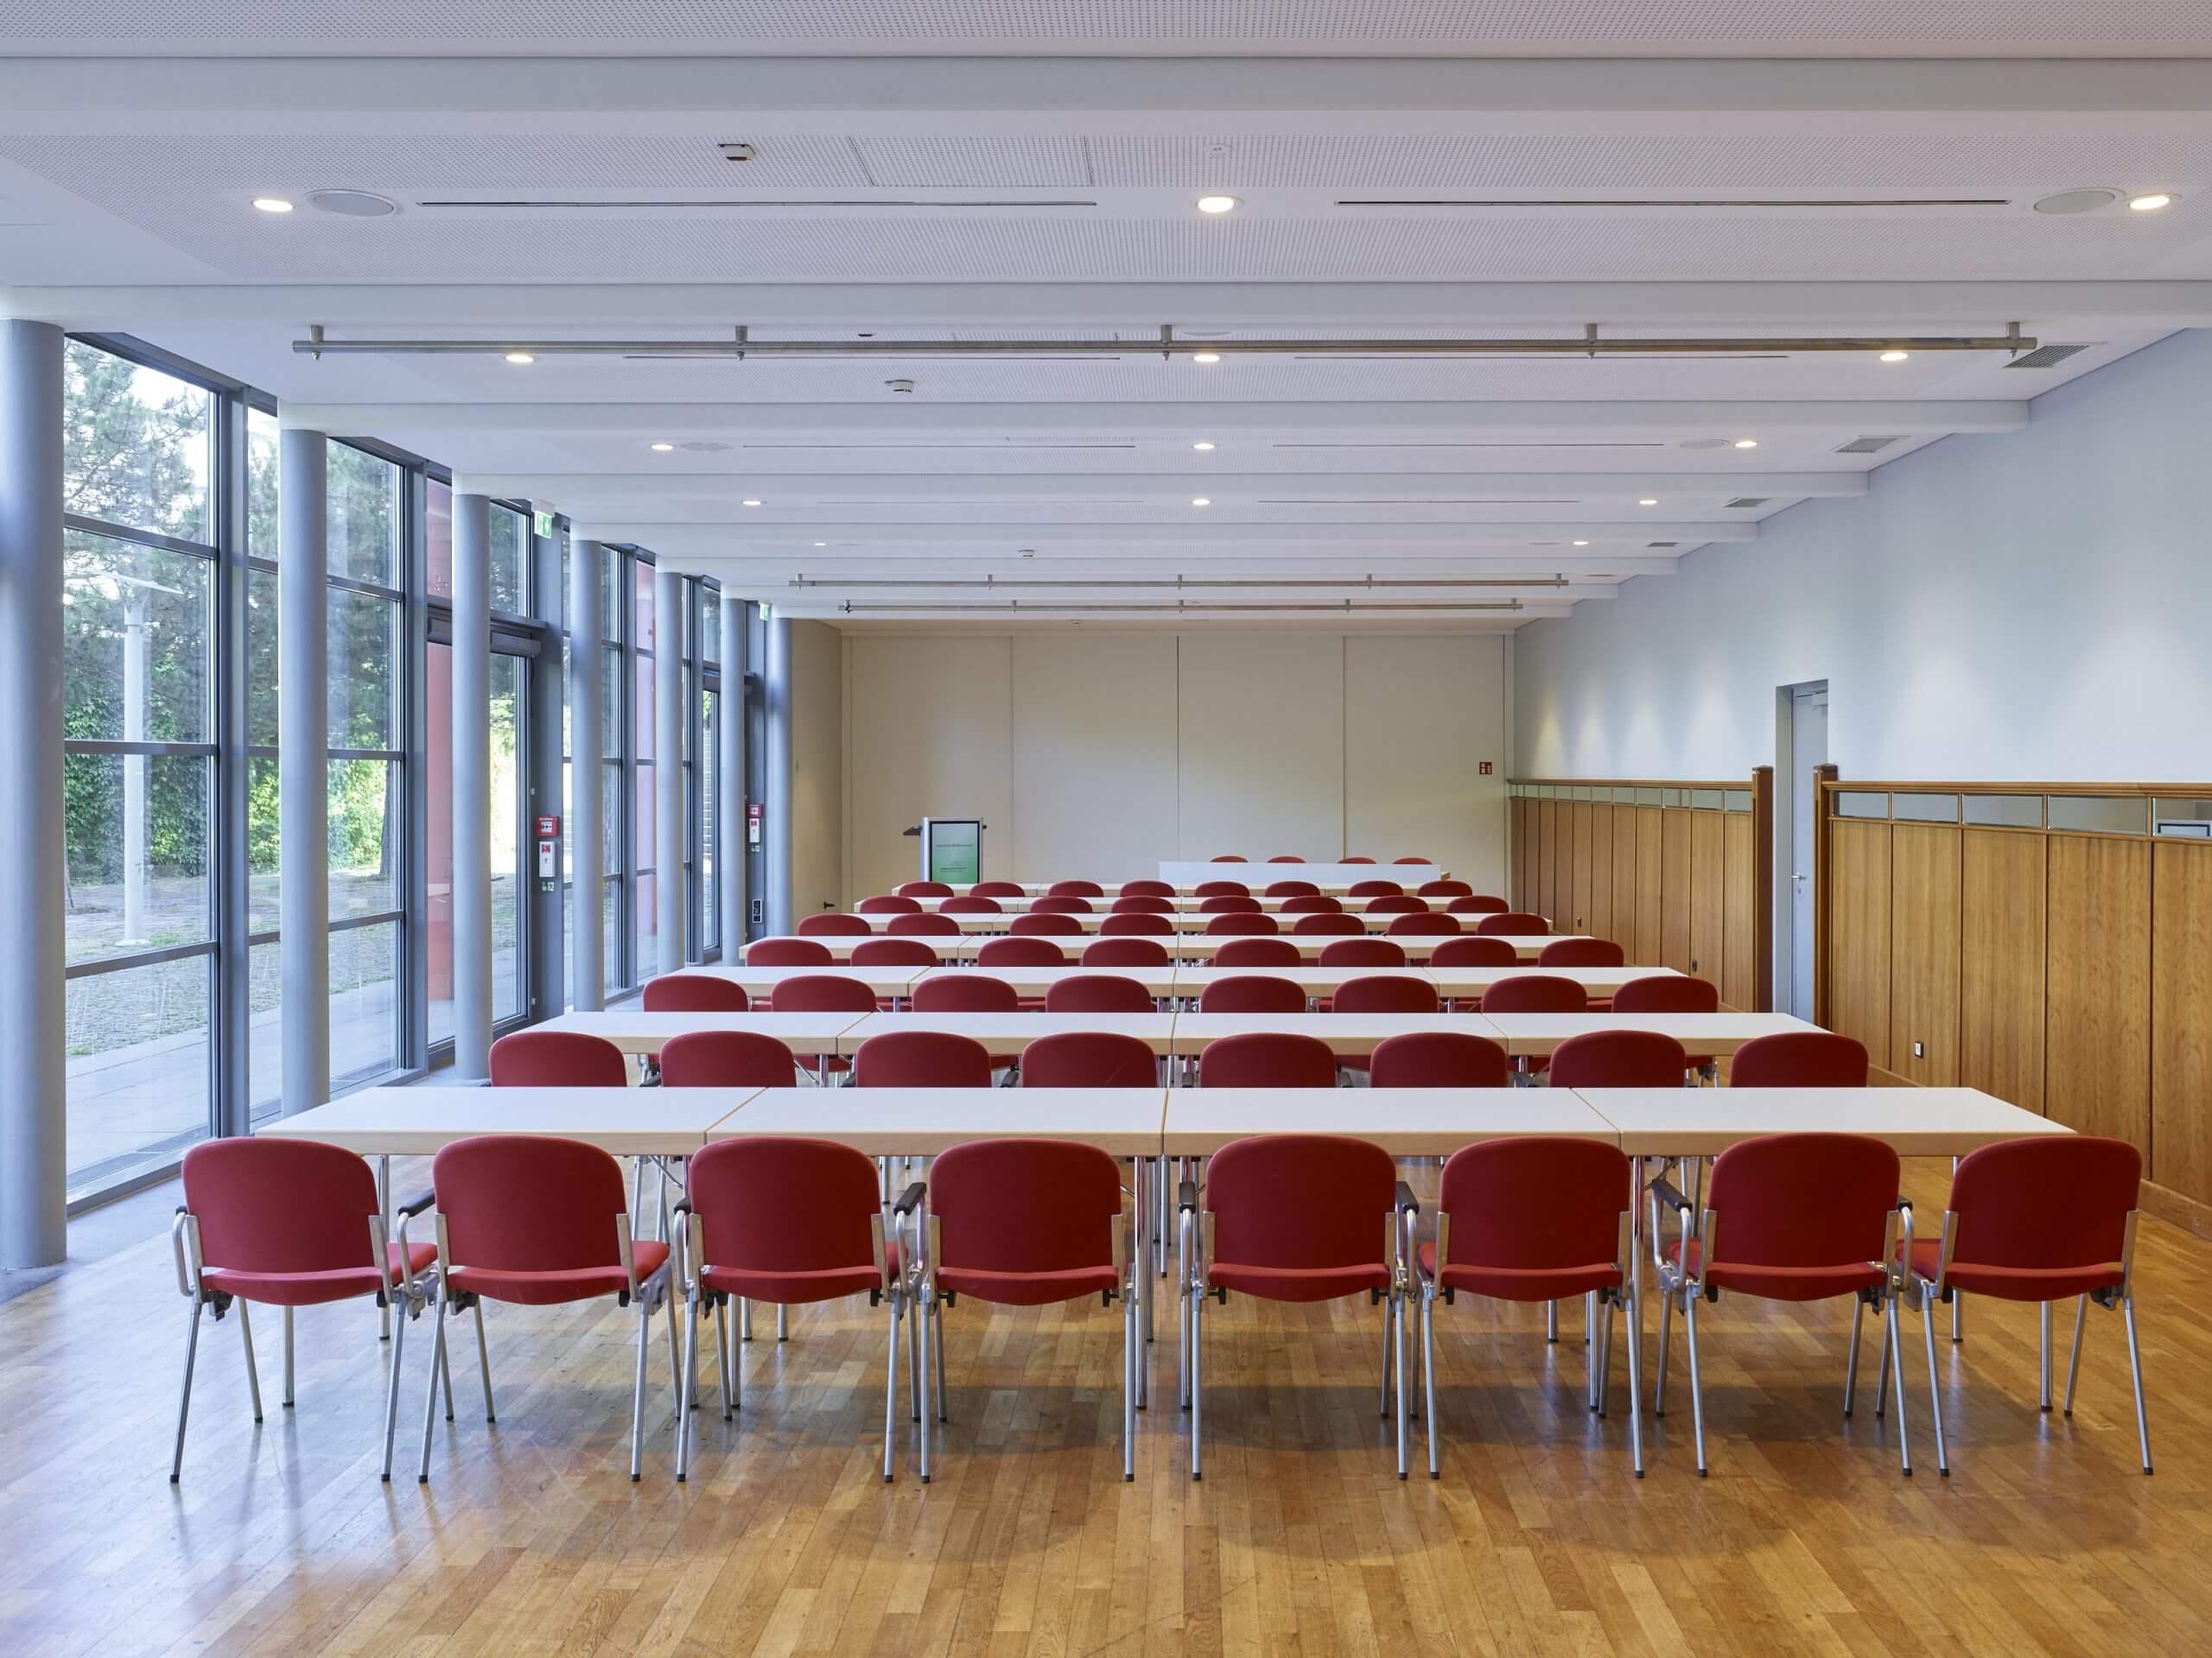 Raum ParkBlick in der Congresshalle Parlamentarische Bestuhlung Rednerpult Vorstandstisch